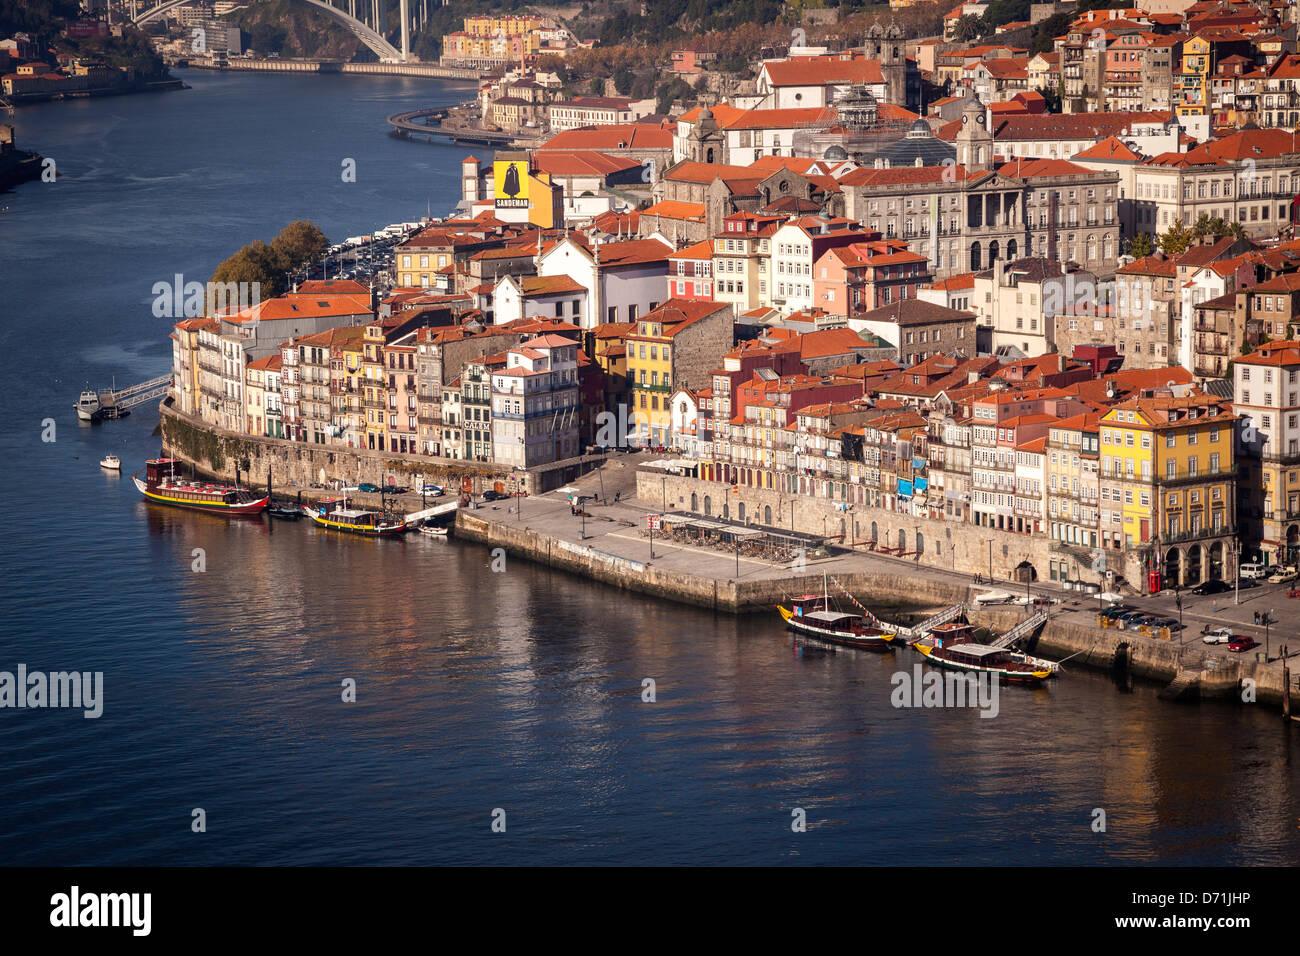 OPORTO, PORTO, PORTUGAL, A VIEW WITH DOURO RIVER - Stock Image